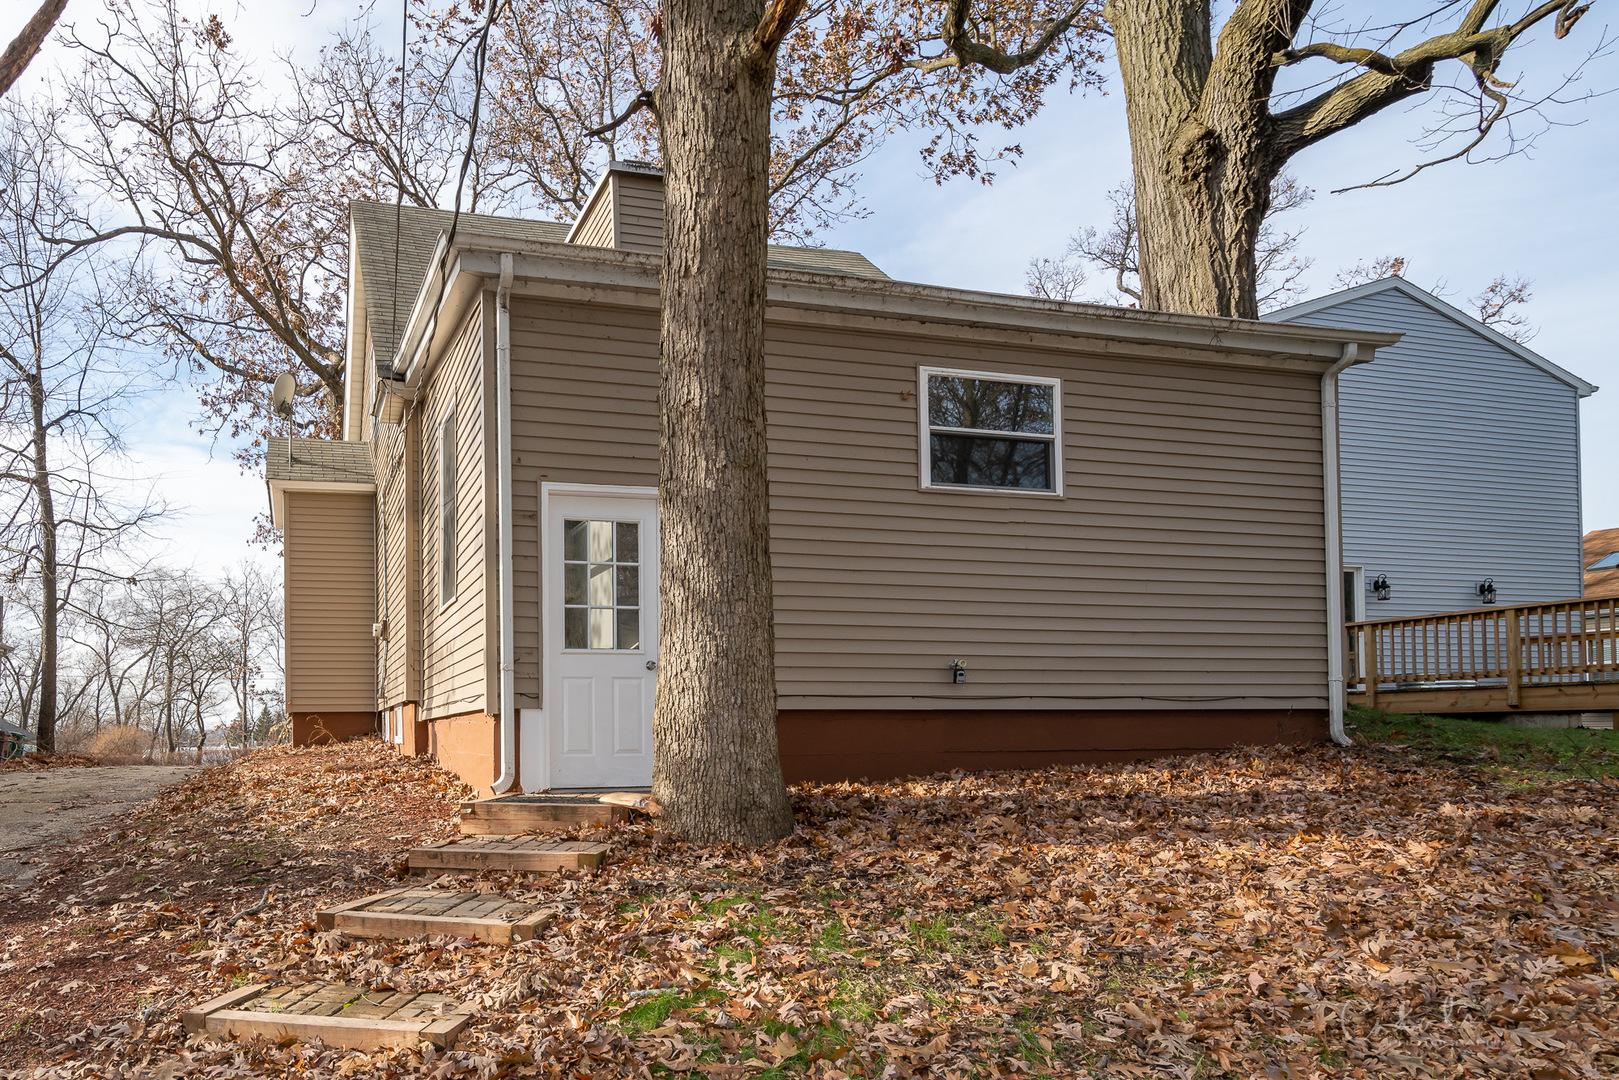 39 Marvin, Fox Lake, Illinois, 60020